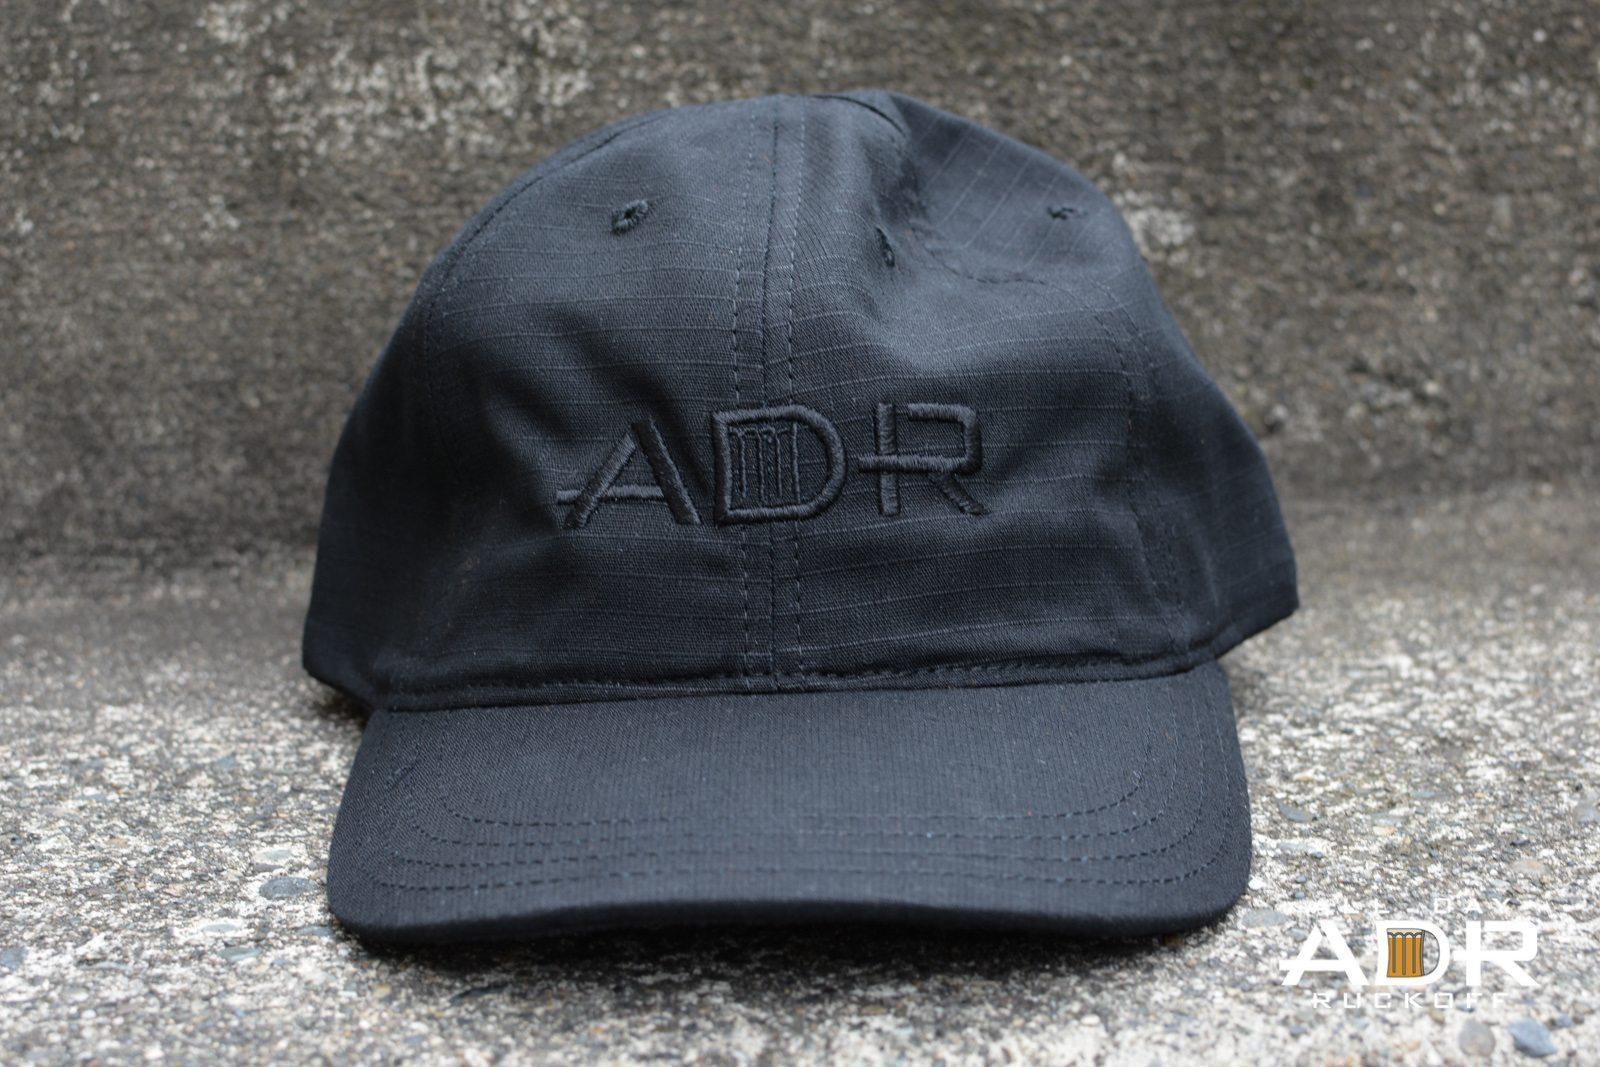 GORUCK ADR Tac Hat Black Wide